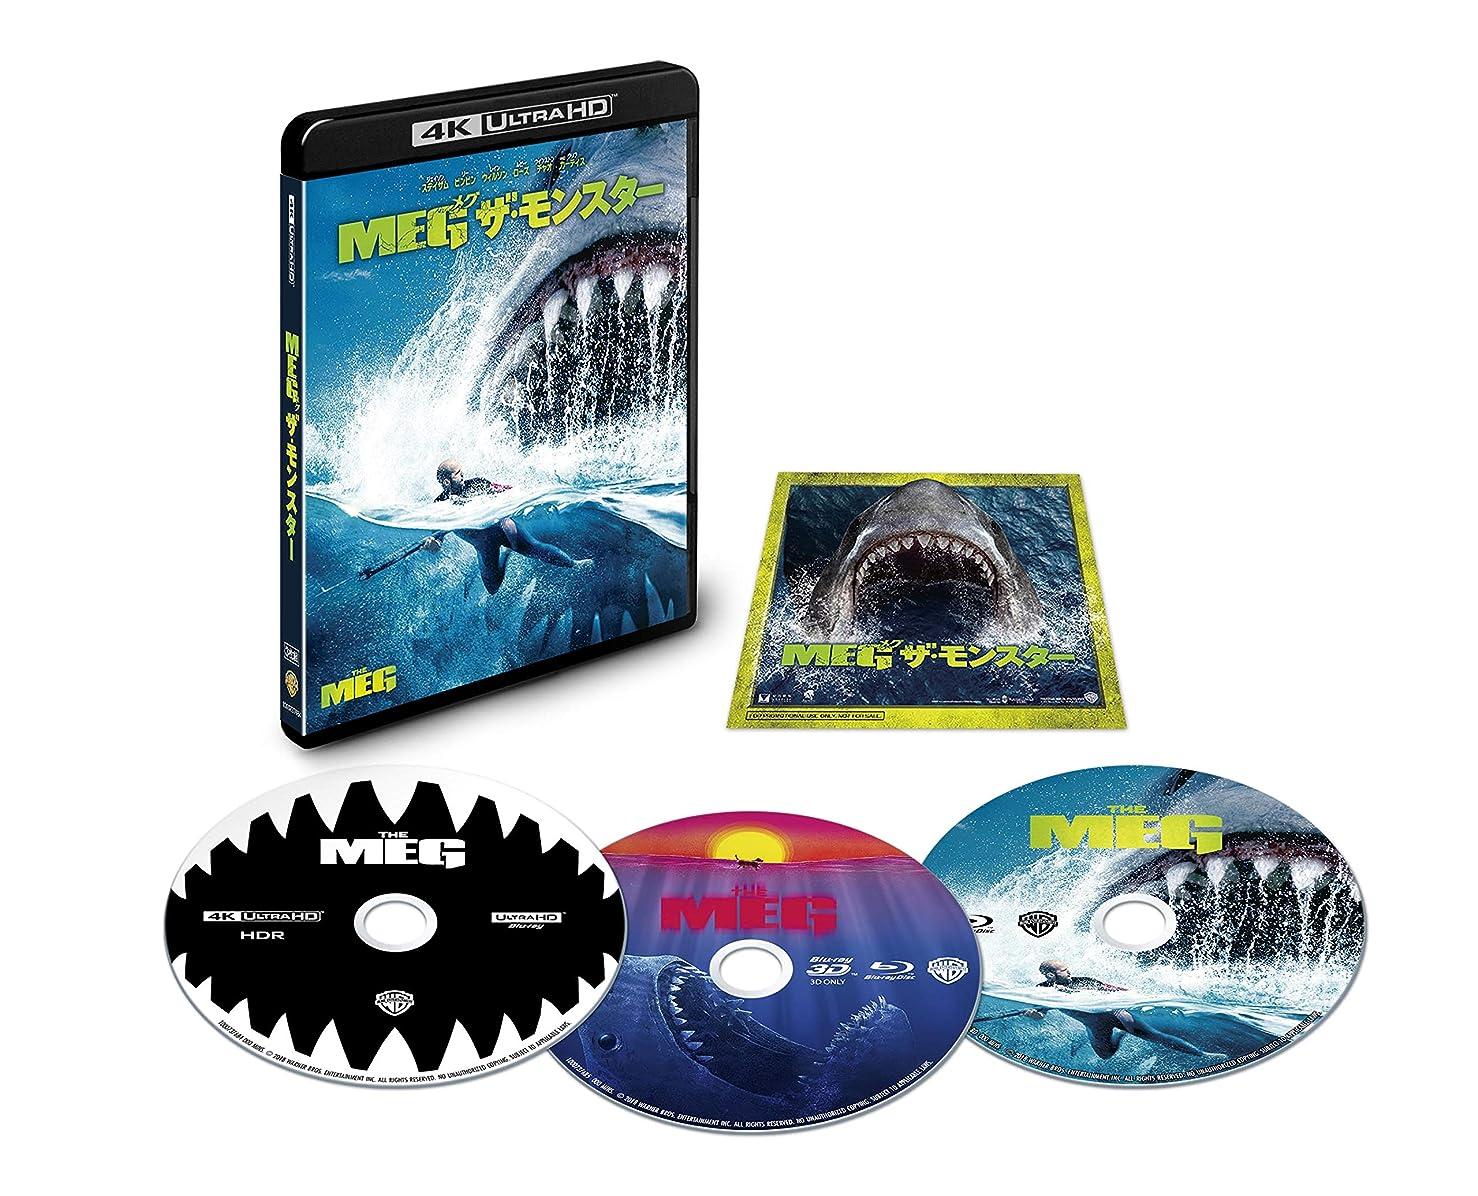 見落とすウィンク女王MEG ザ?モンスター 4K ULTRA HD&3D&2Dブルーレイセット (初回仕様/3枚組/ステッカー付き) [Blu-ray]